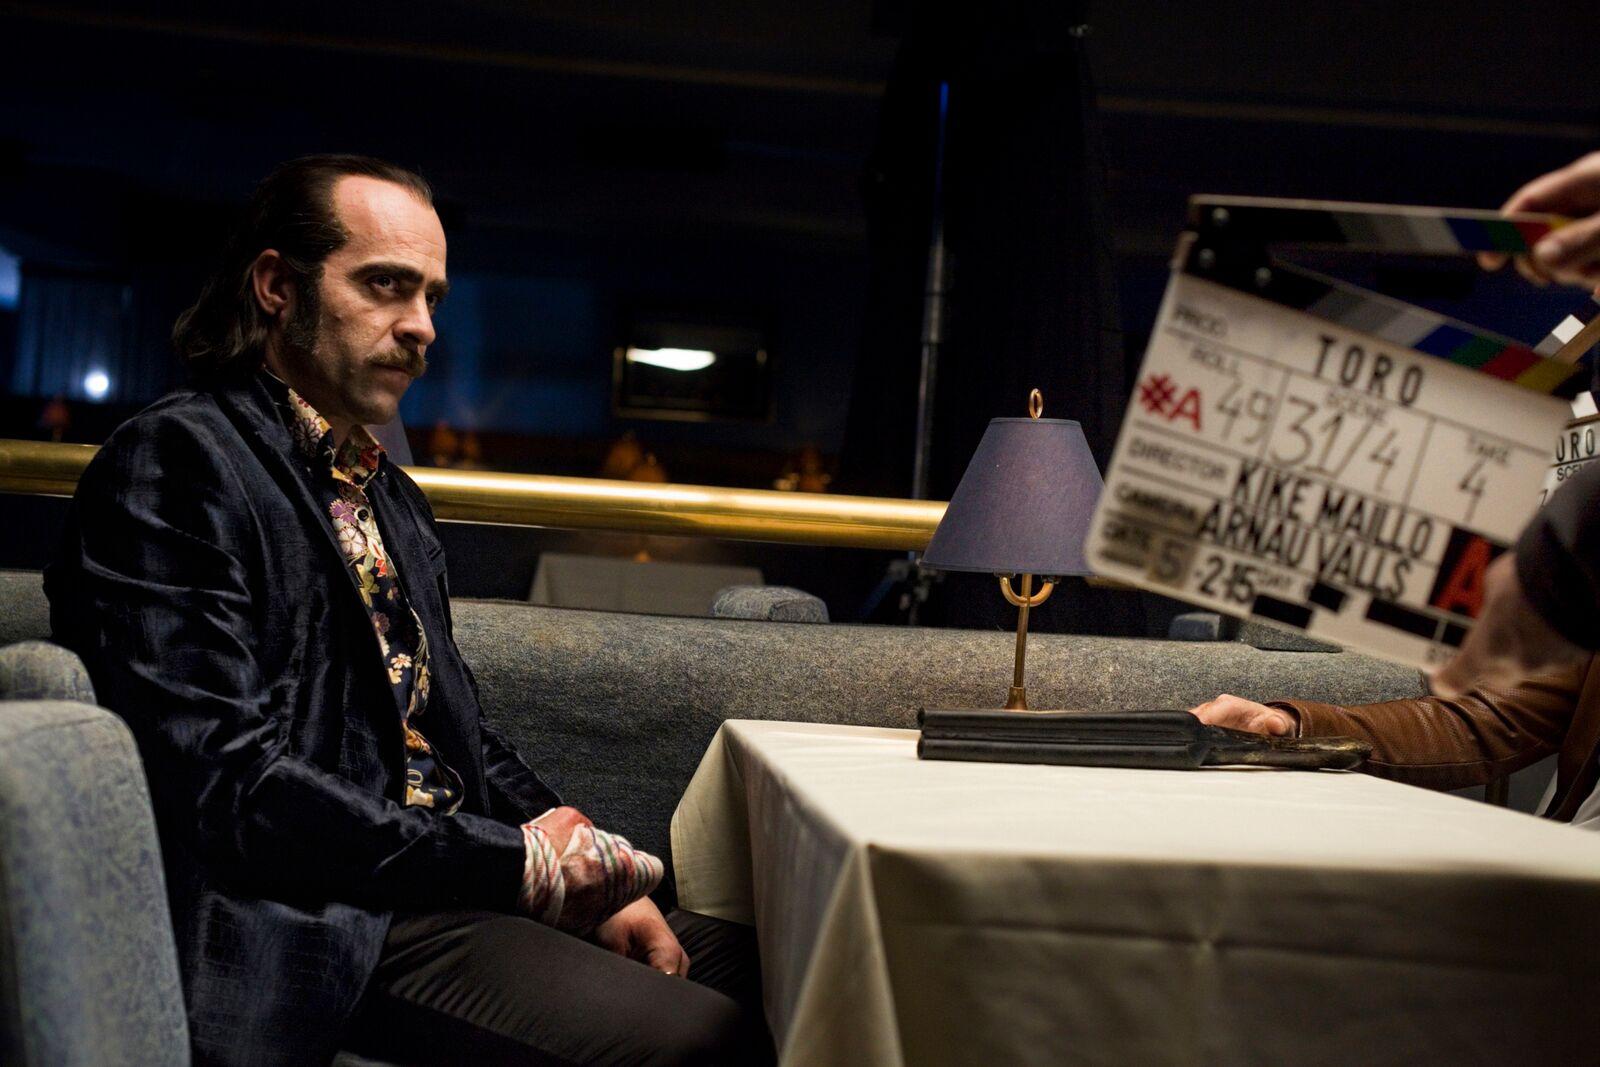 Luis Tosar in Toro (2016)